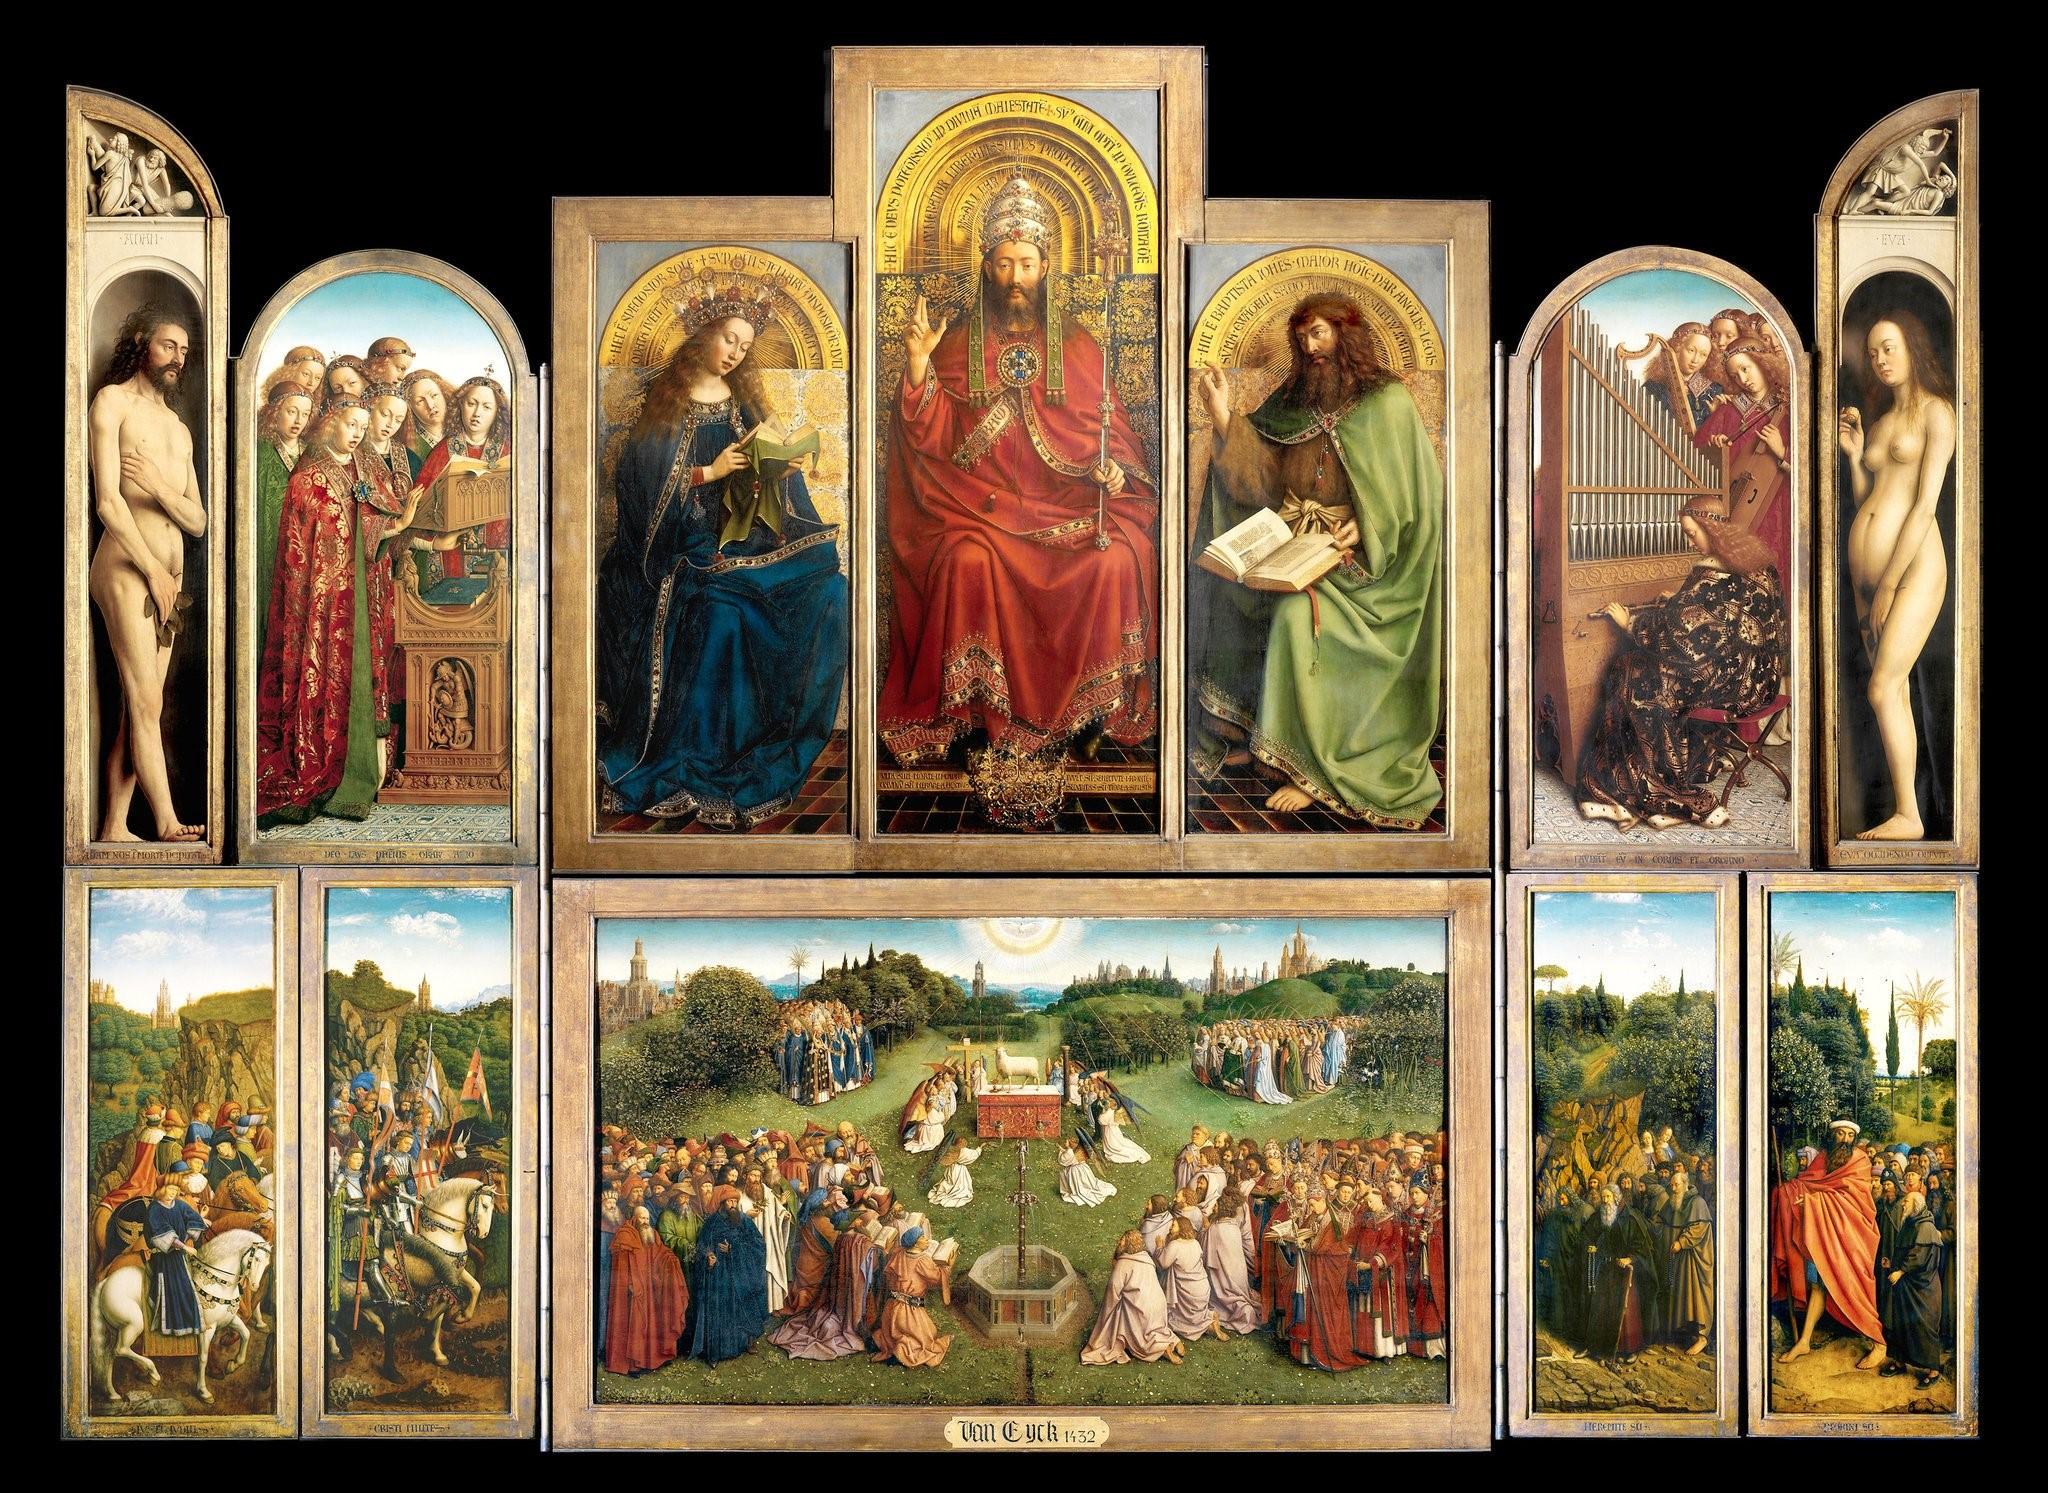 Jan and Hubert van Eyck, The Ghent Altarpiece